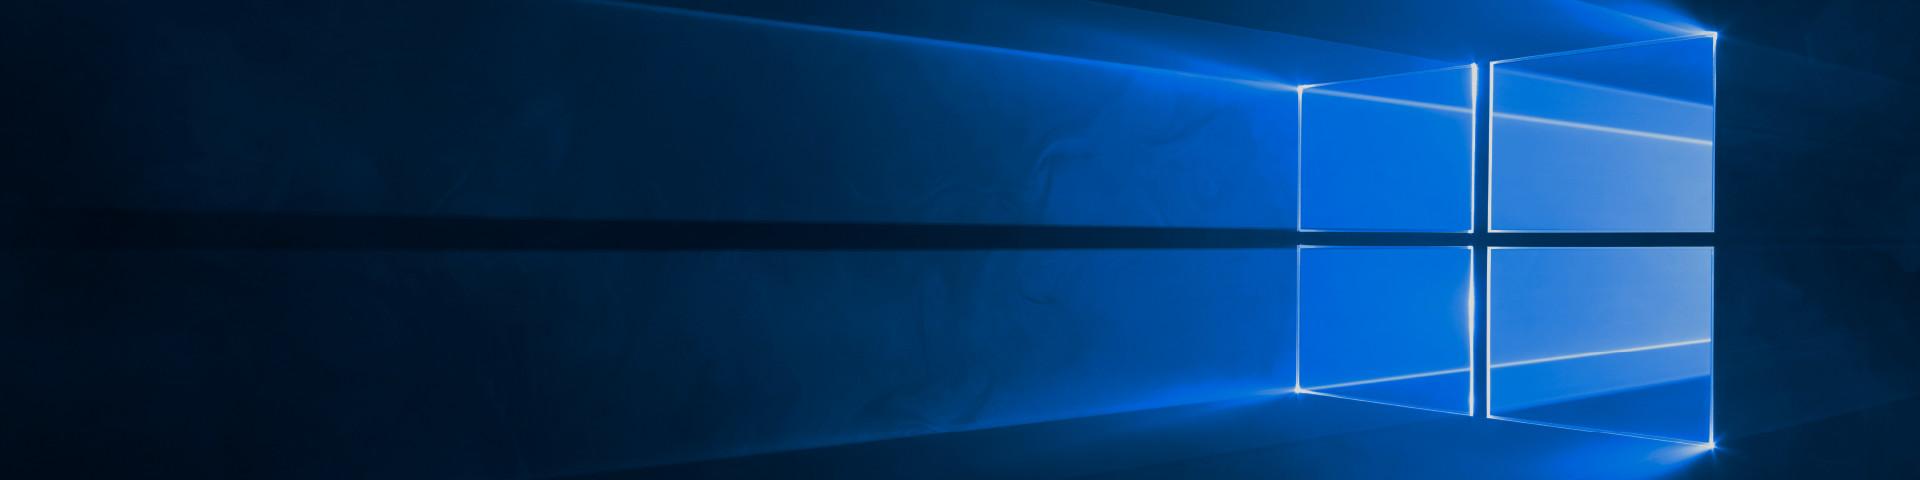 A Windows 10 megérkezett, és letöltheti ingyen!*